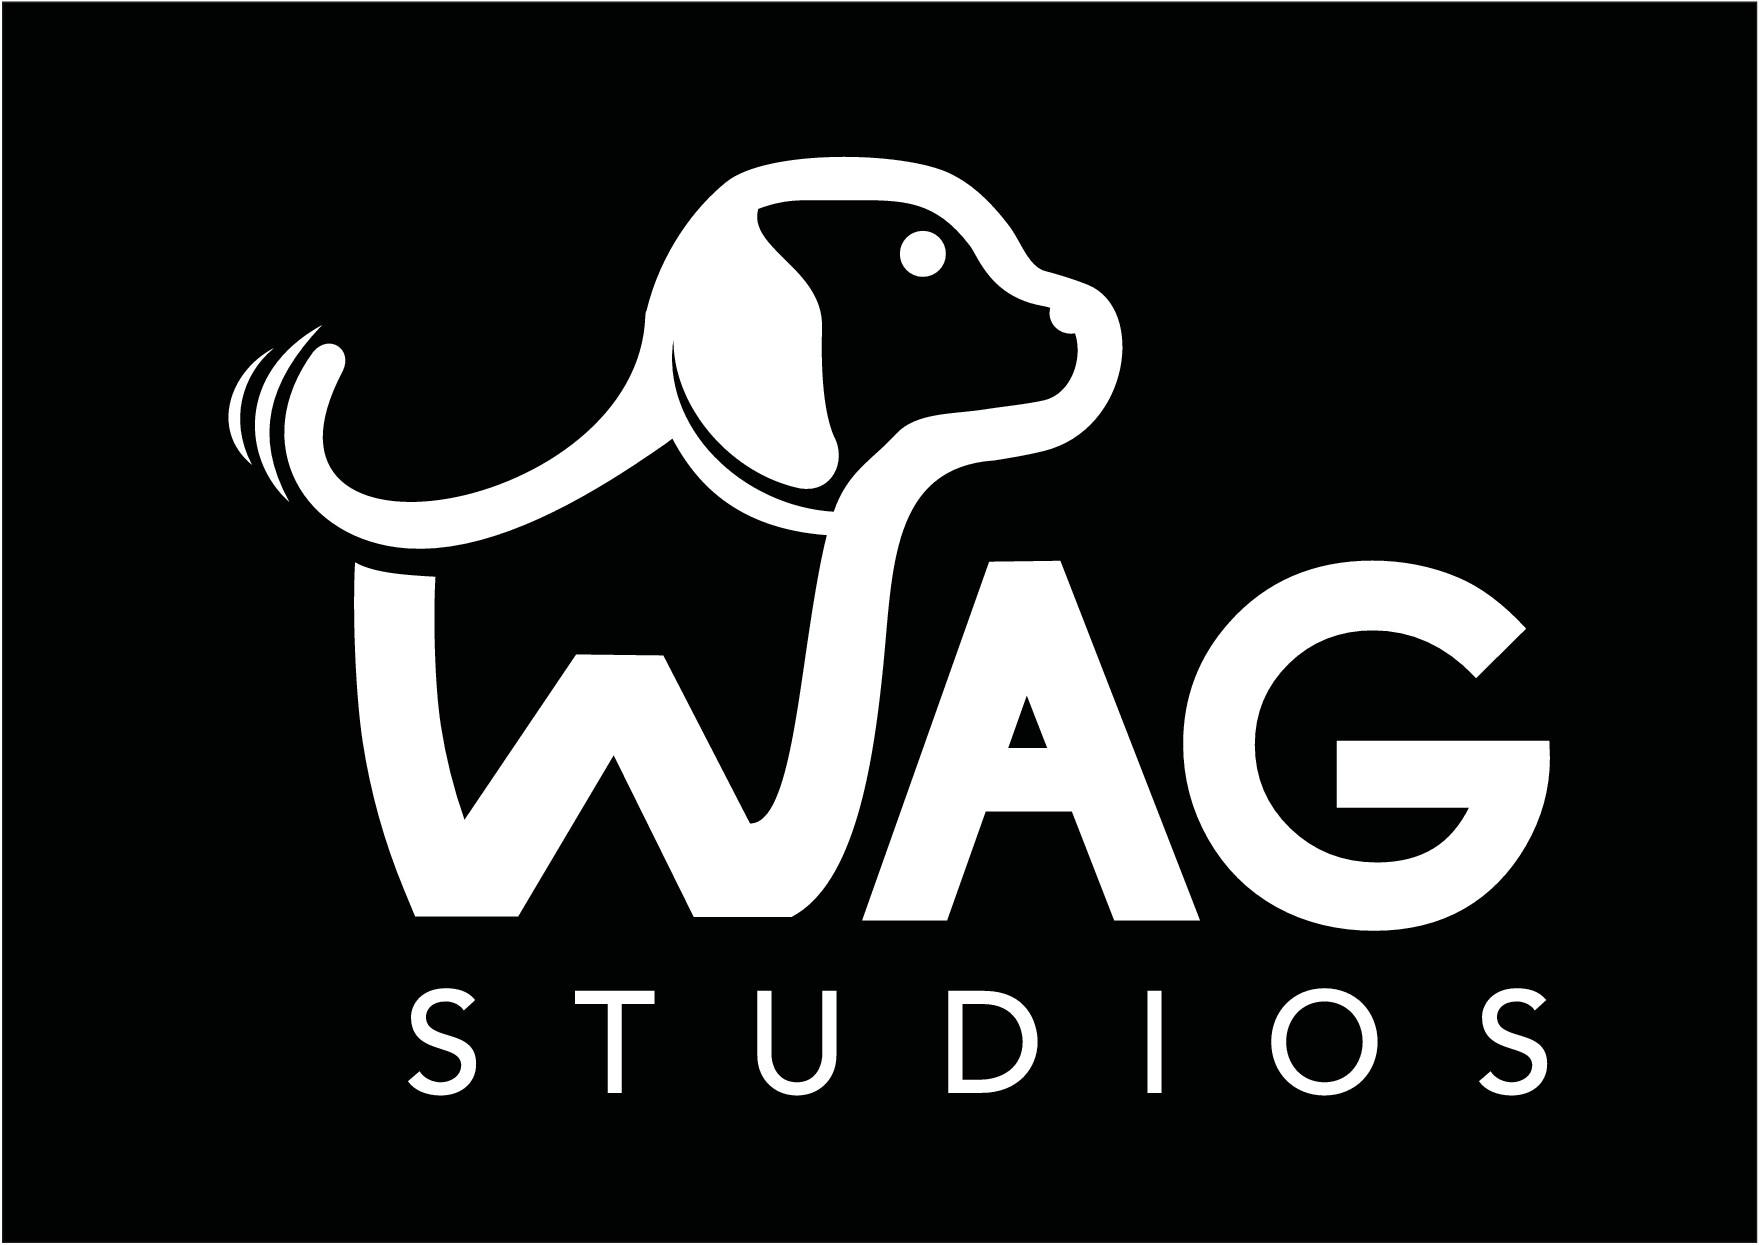 Epic Pet Photography Studio Seeking Striking Logo